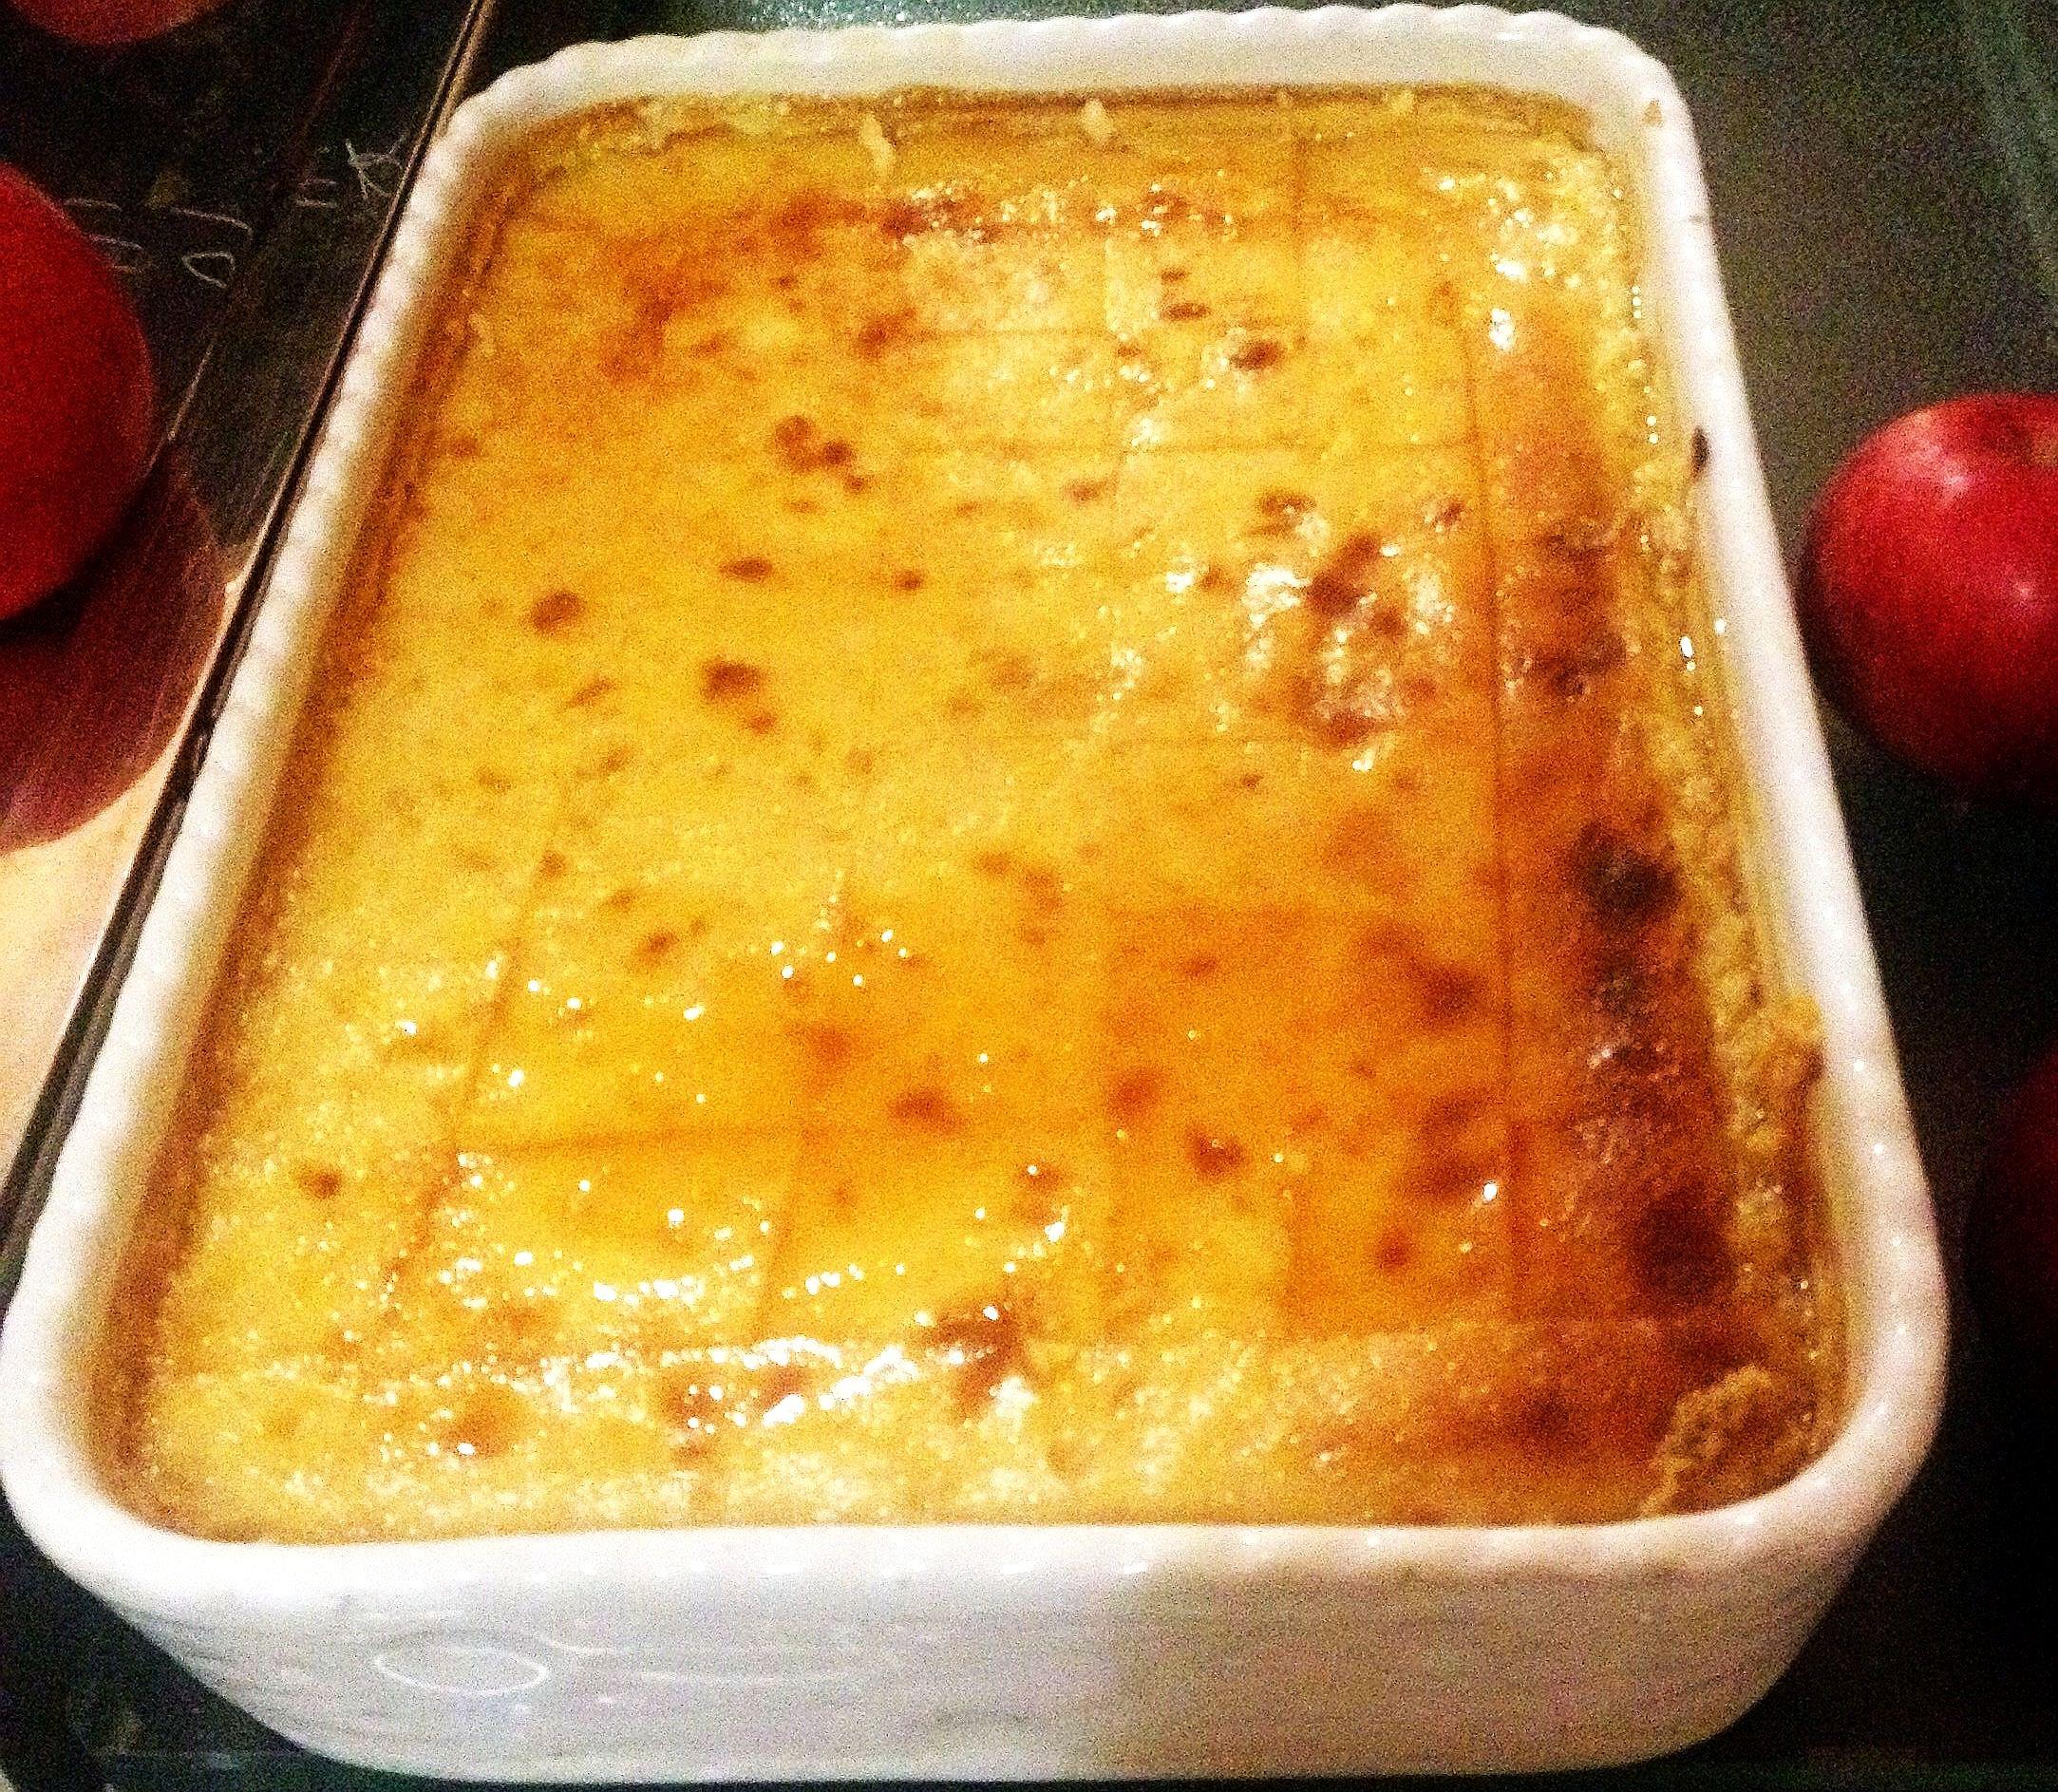 Crème brûlée, preferata mea